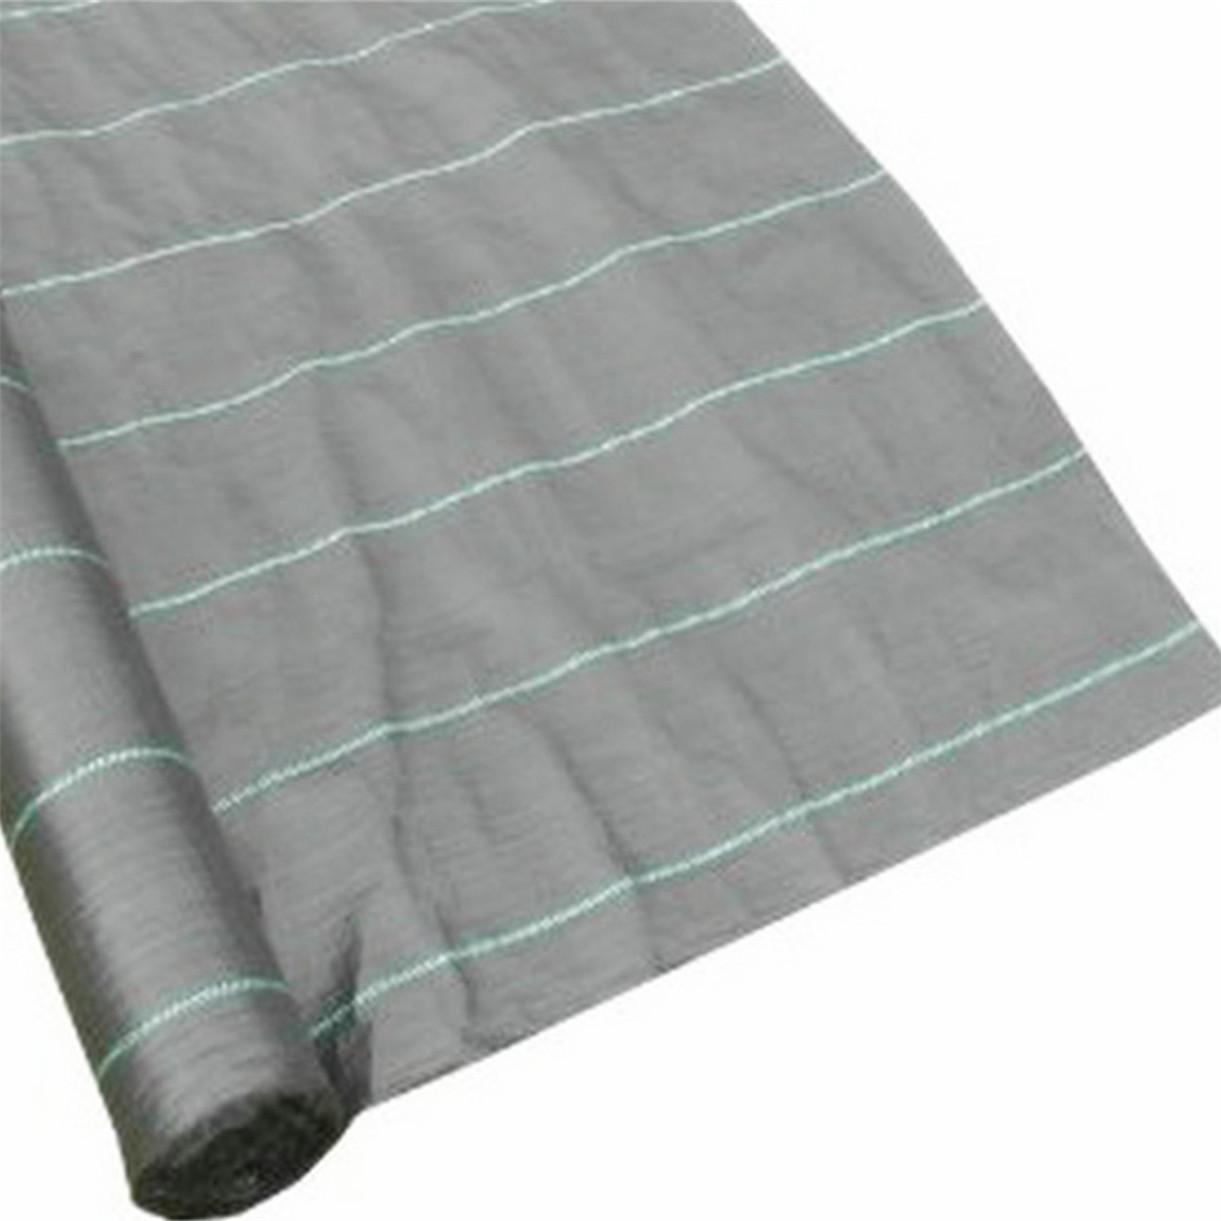 vert / noir couverture du sol pour les plantes PP